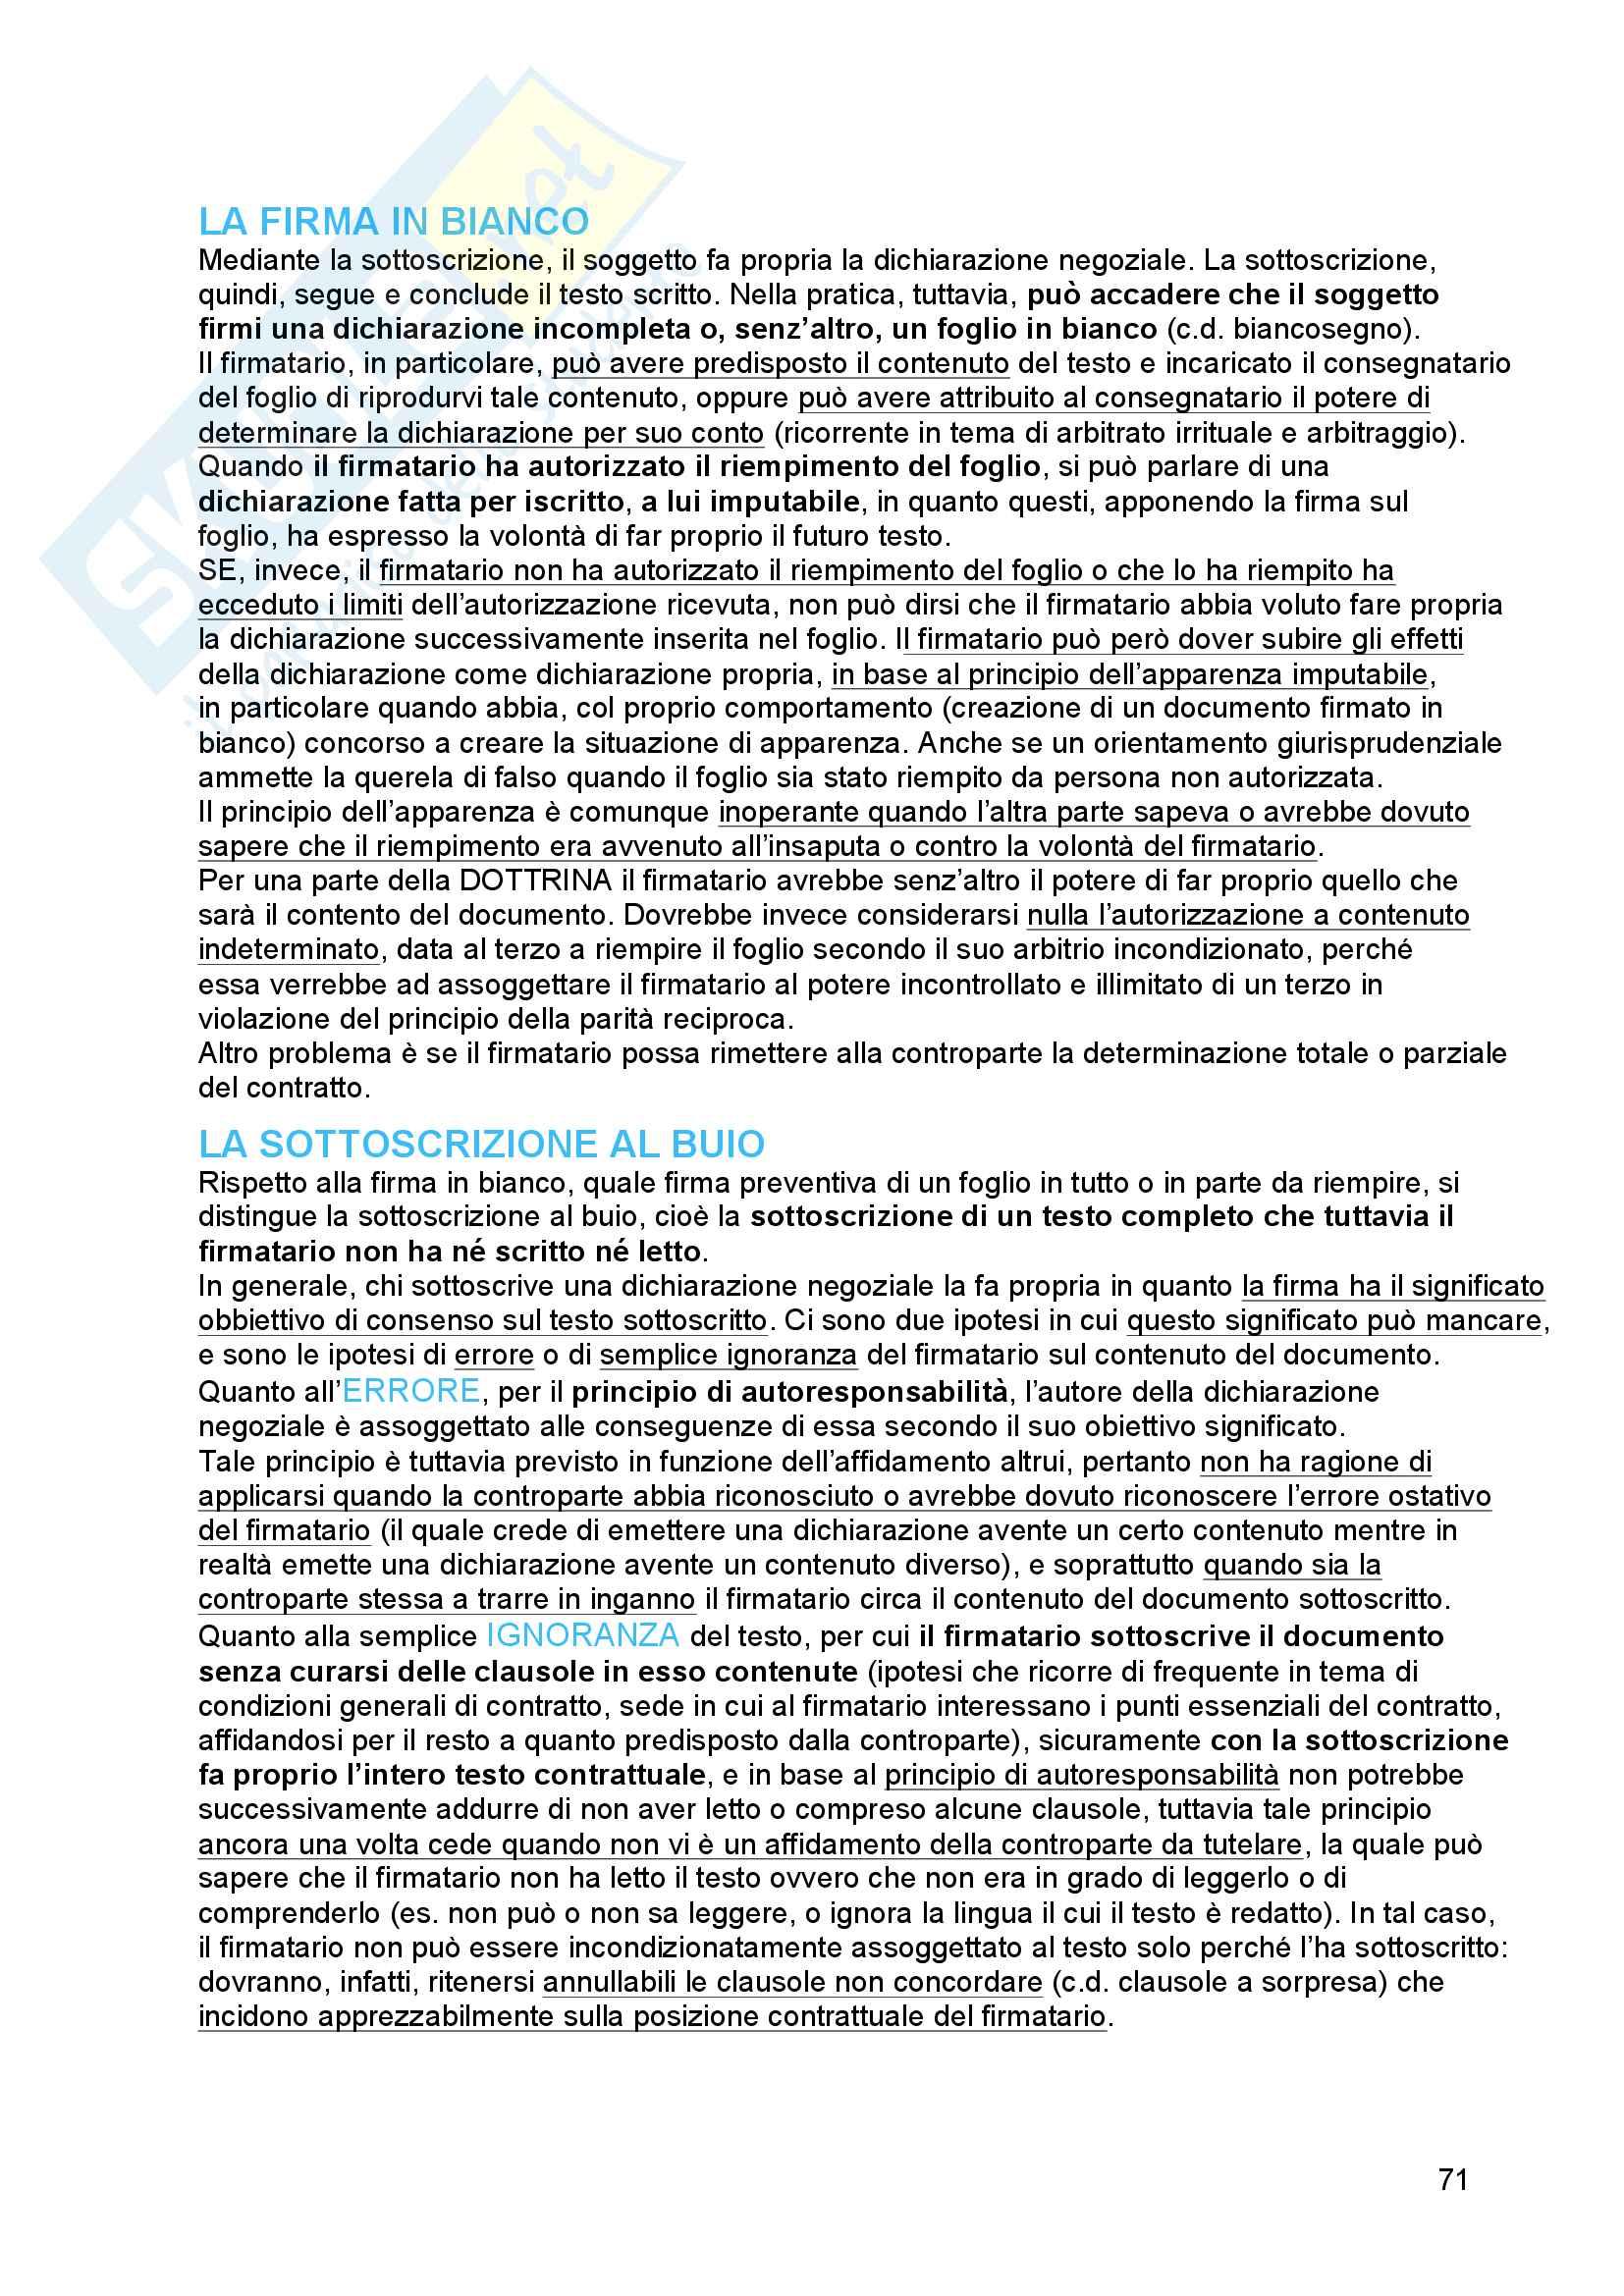 Riassunto esame diritto civile 2, prof. Troiano, libro consigliato Il contratto, Bianca (vol. 3) Pag. 71